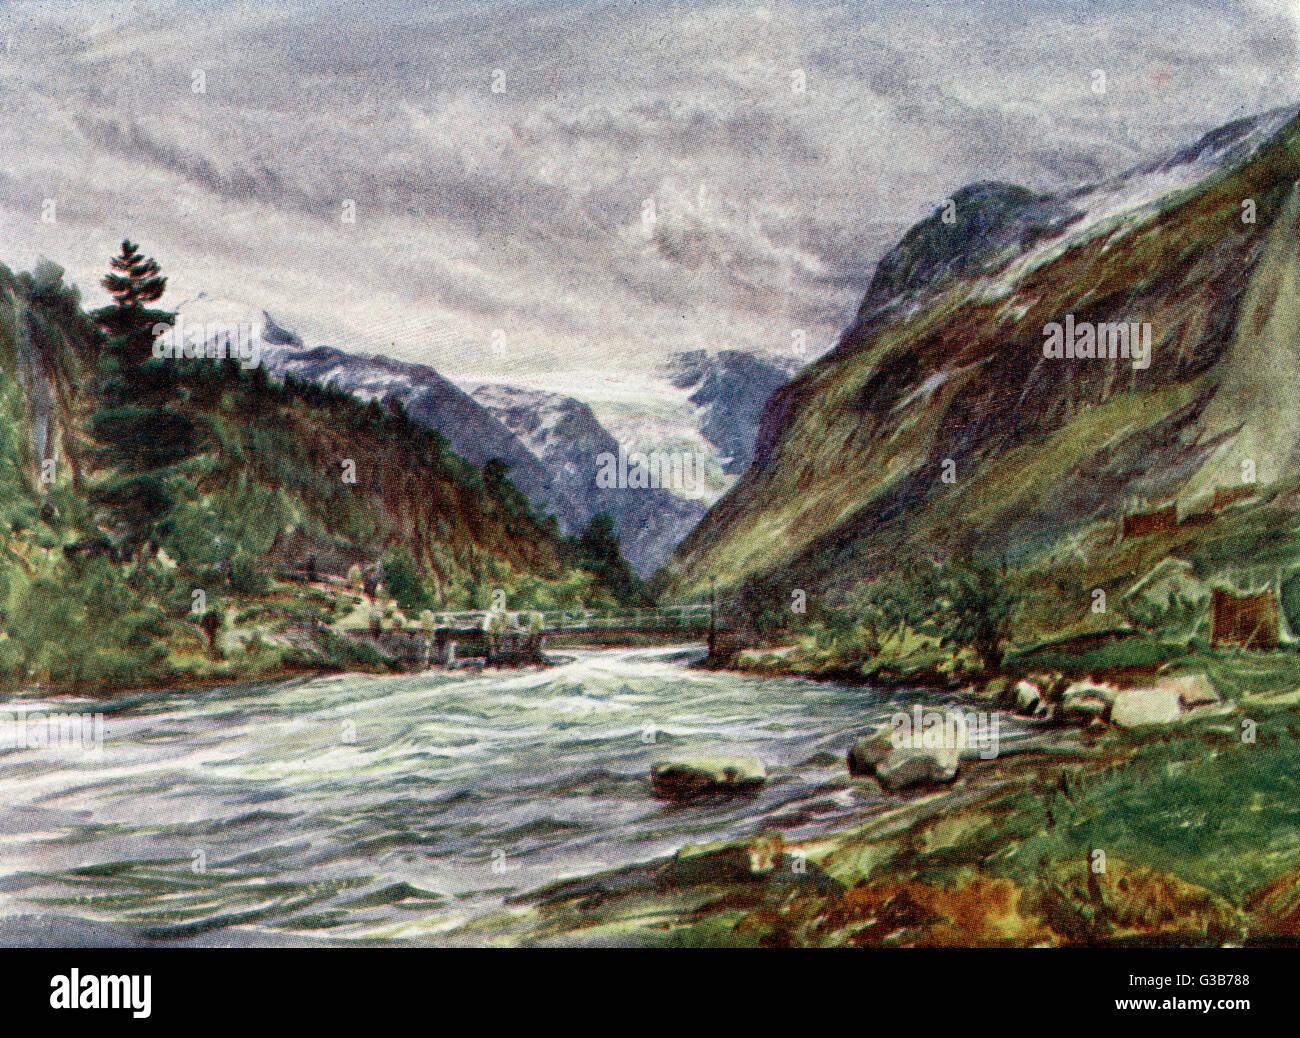 Elv Loen: un paysage rocheux Date: 1909 Photo Stock